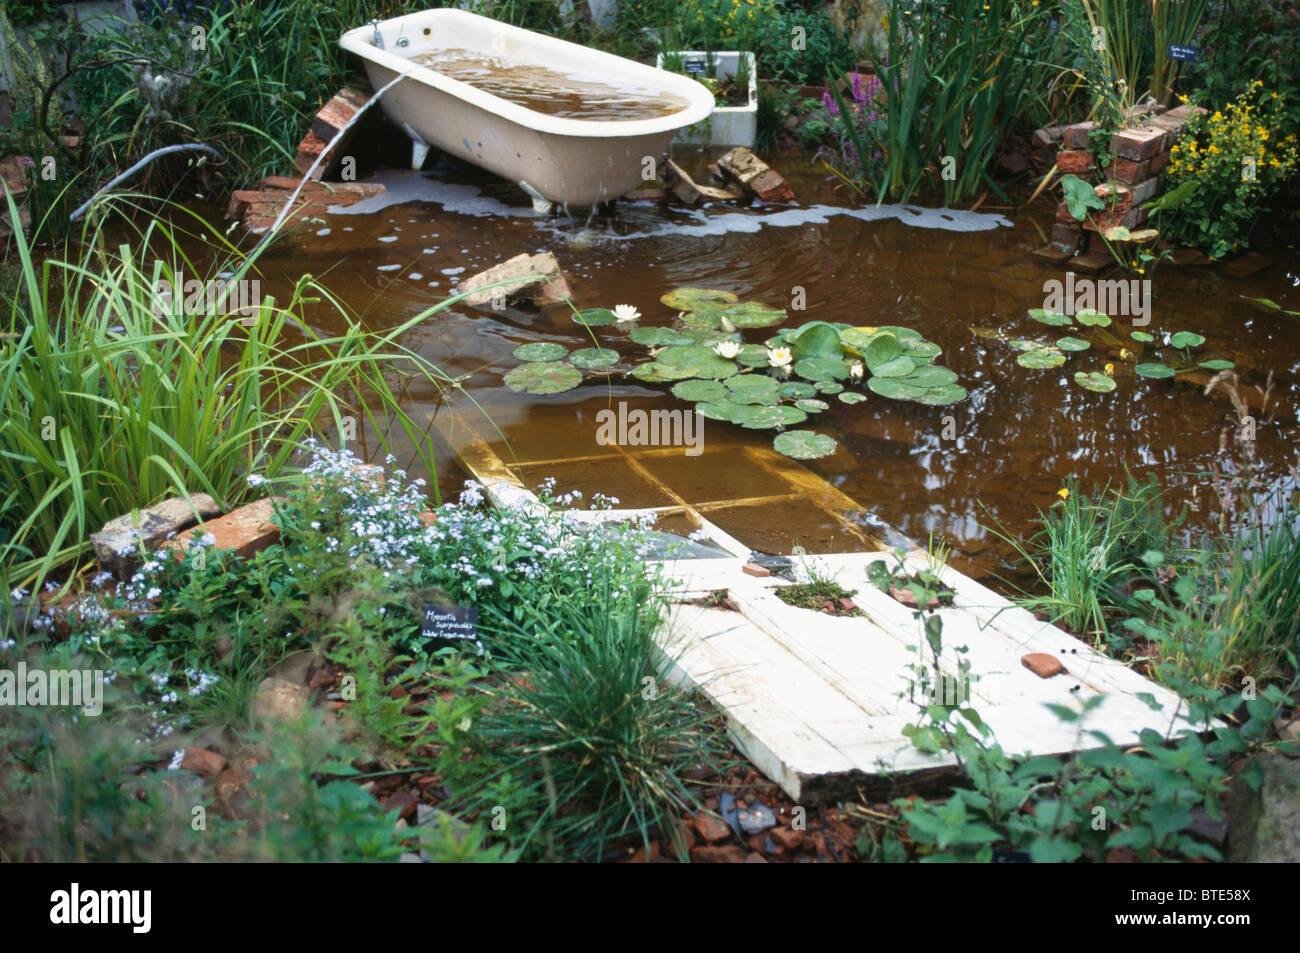 Alte Tür Und Roll Top Bad Im Trüben Teich In Vernachlässigten Garten